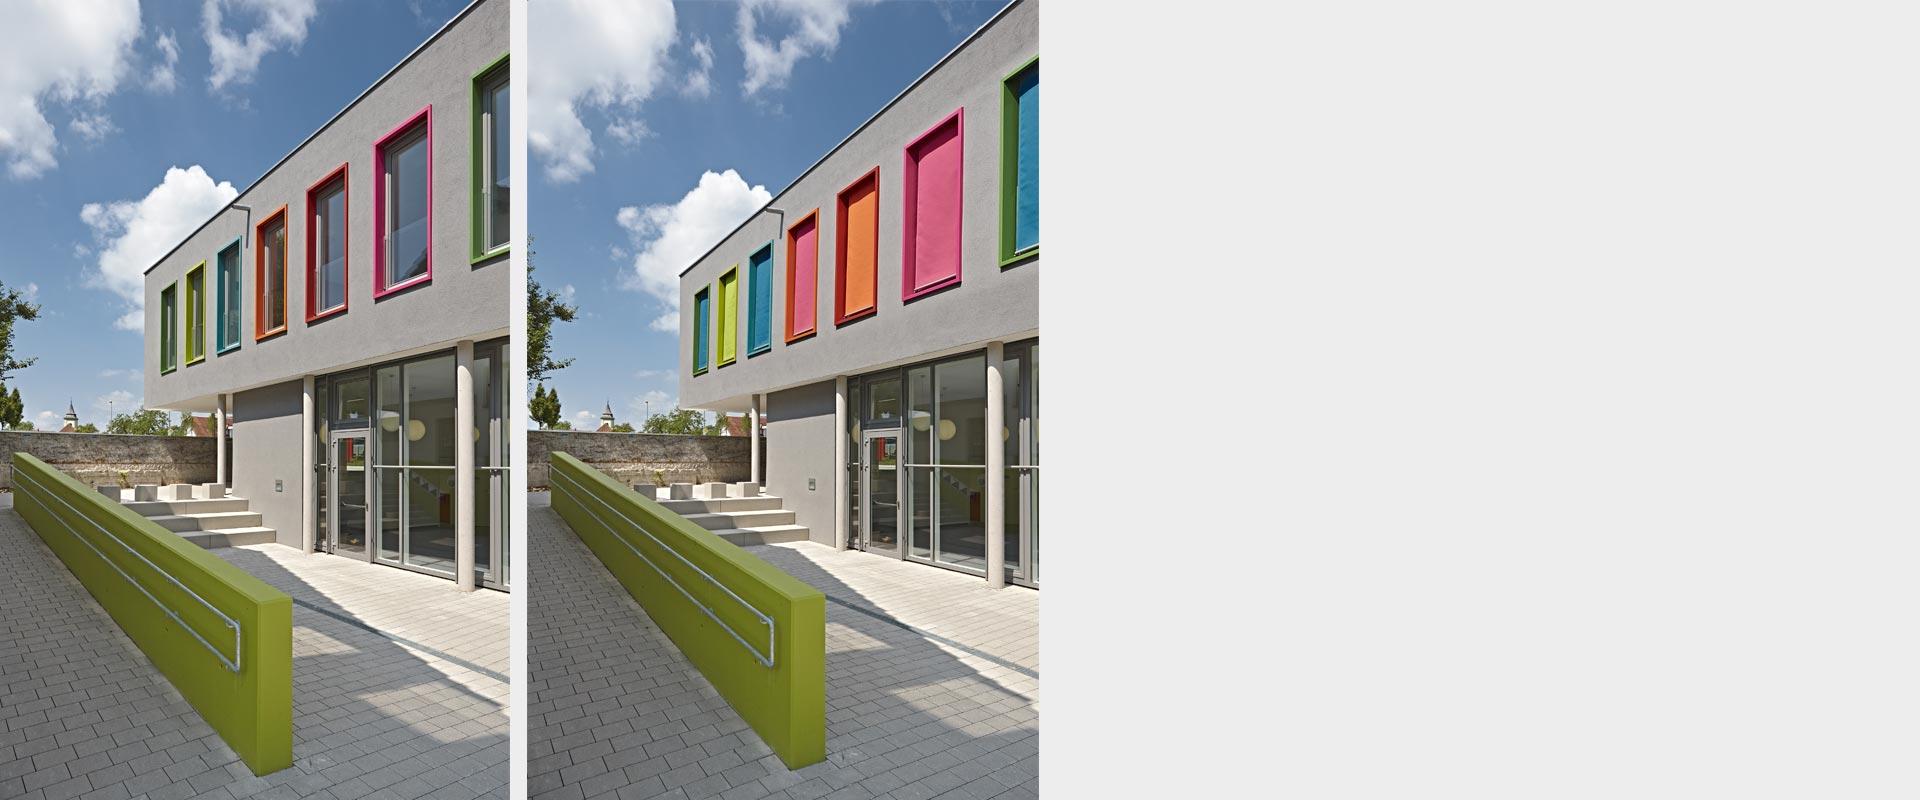 architekturbuero_henning_musahl_kindergarten09